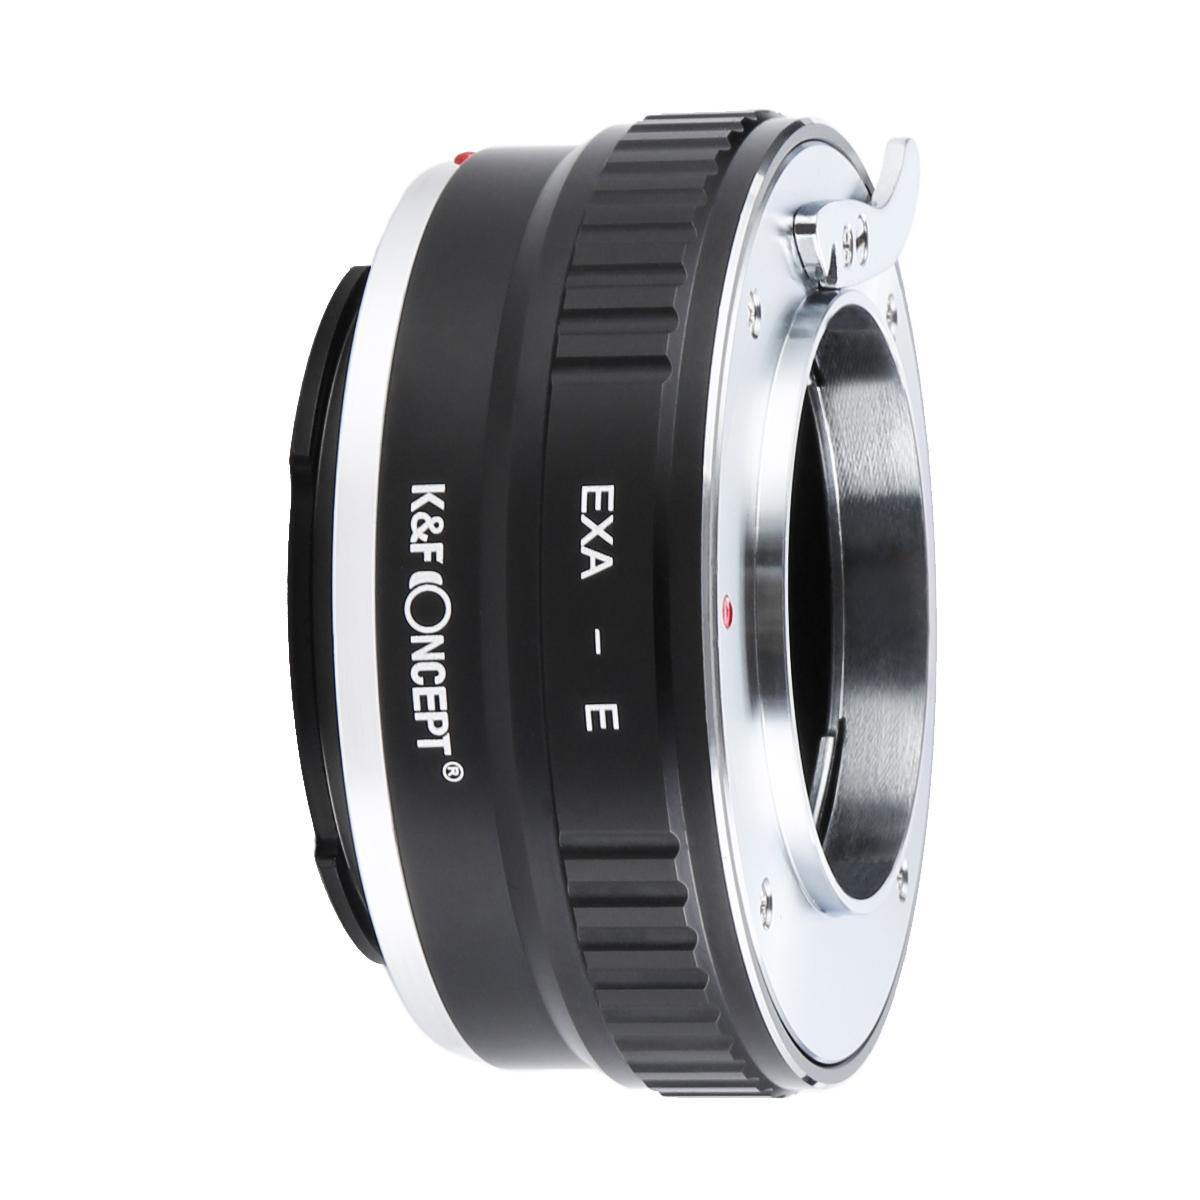 Exakta Lenses to Sony E Mount Camera Adapter